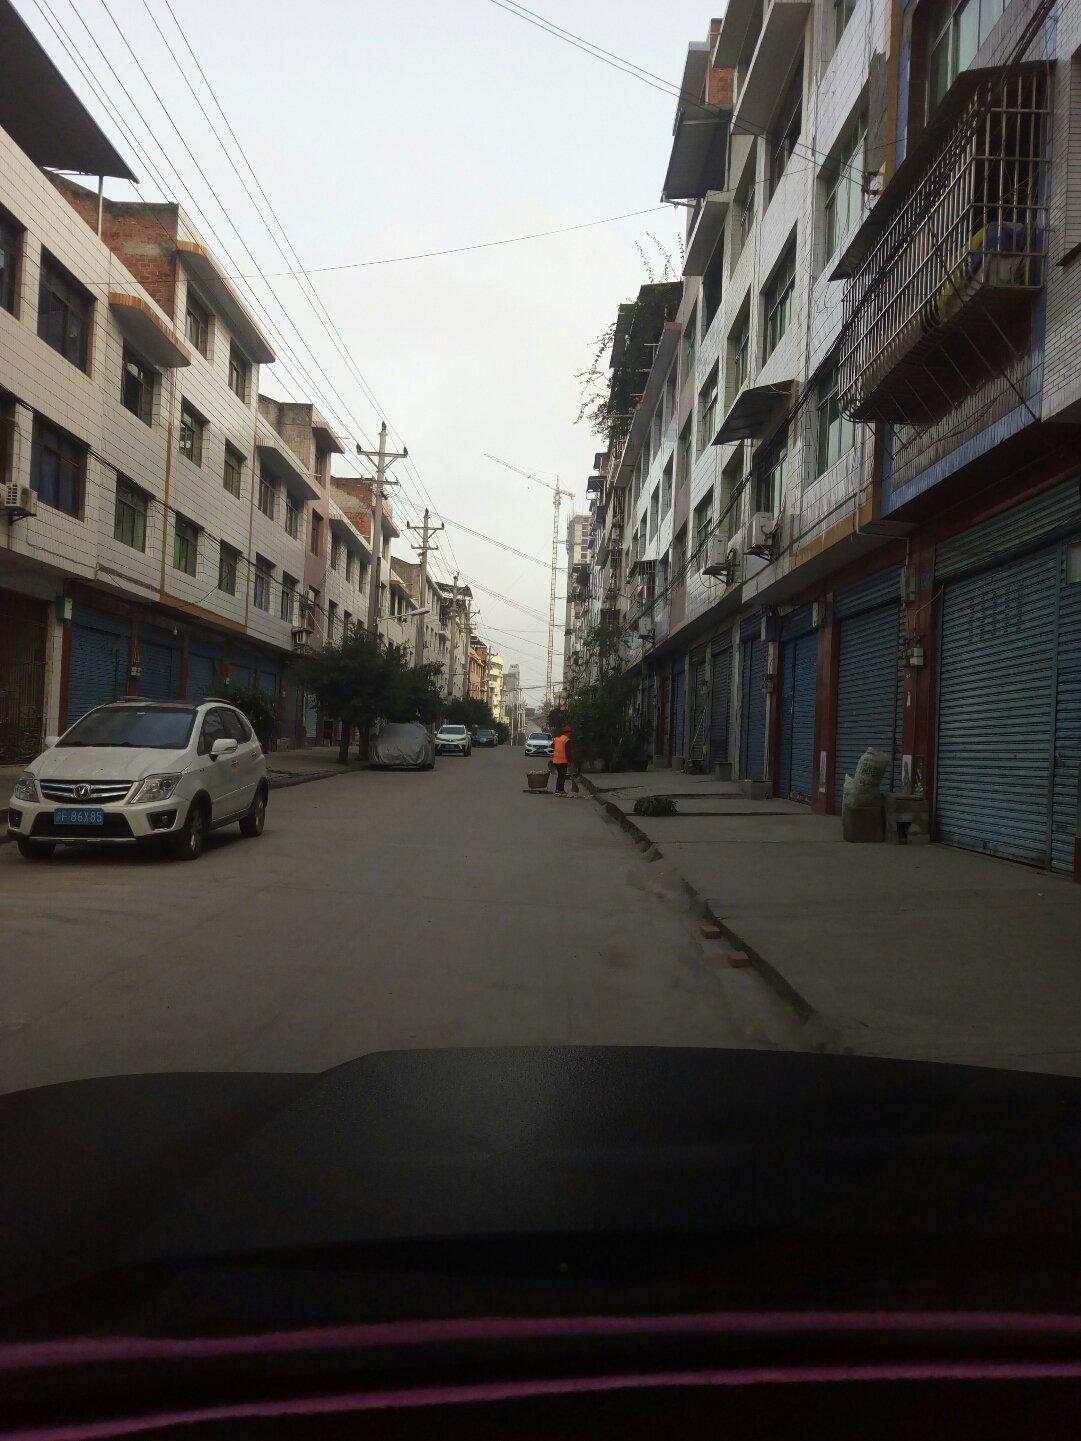 重庆市石柱土家族自治县衙门路靠近中国农业银行(西沱营业所)天气预报